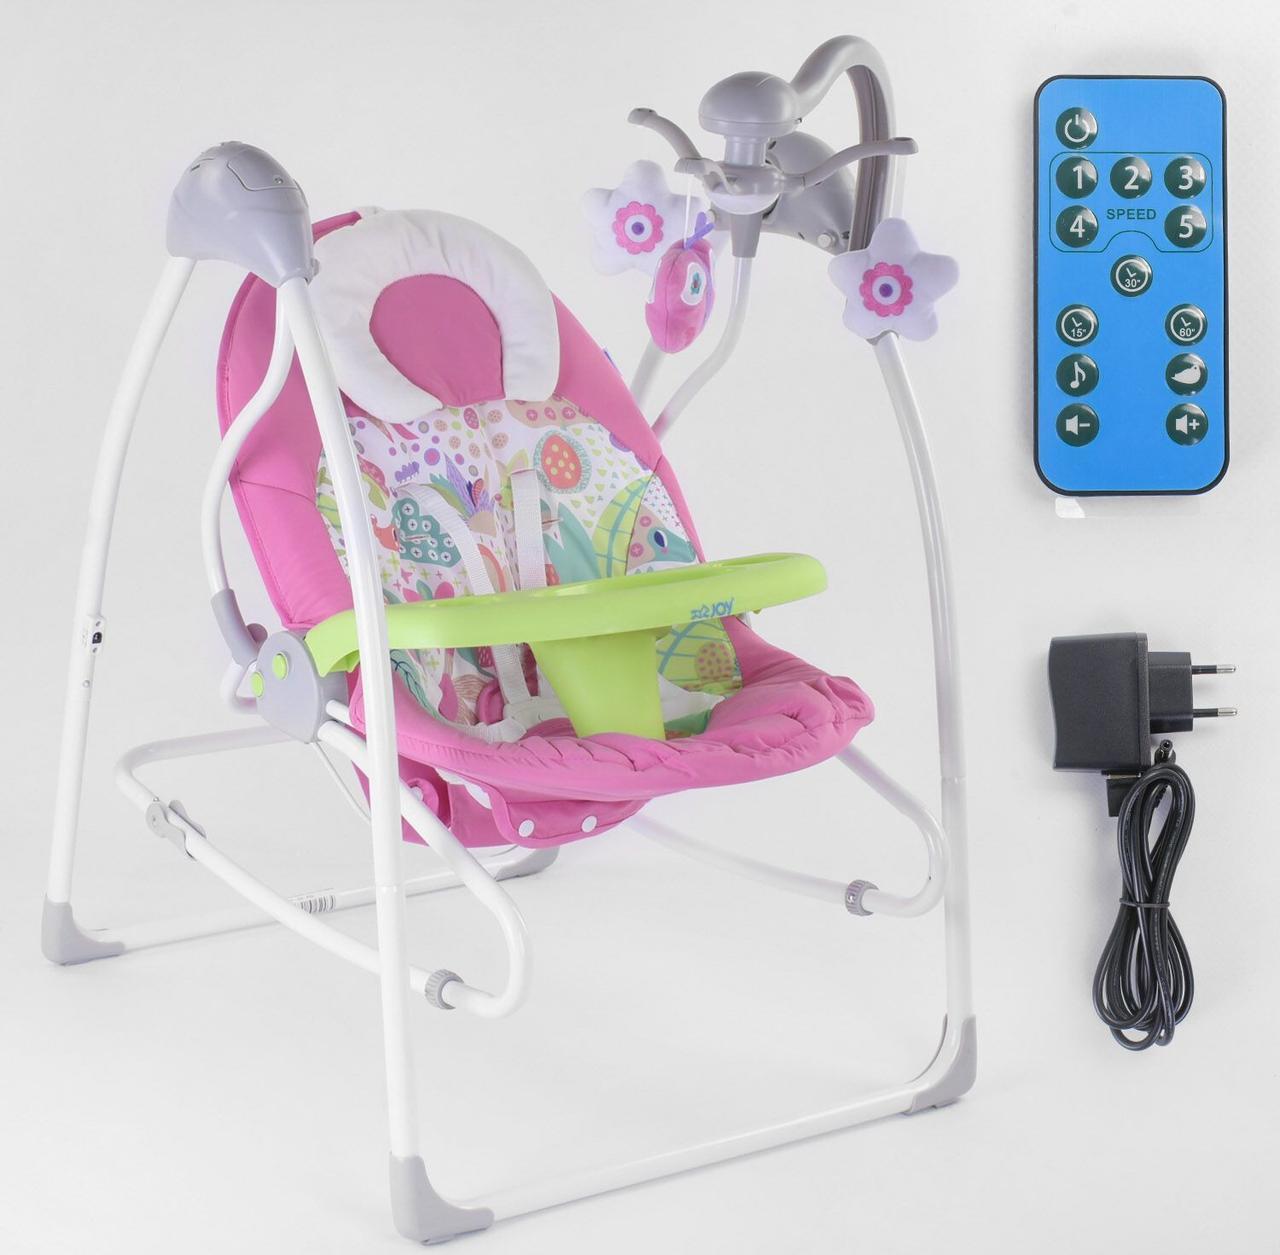 Детские укачивающие качели-шезлонг для новорожденных JOY 3в1 CX-30858, со звуковыми эффектами, розовый